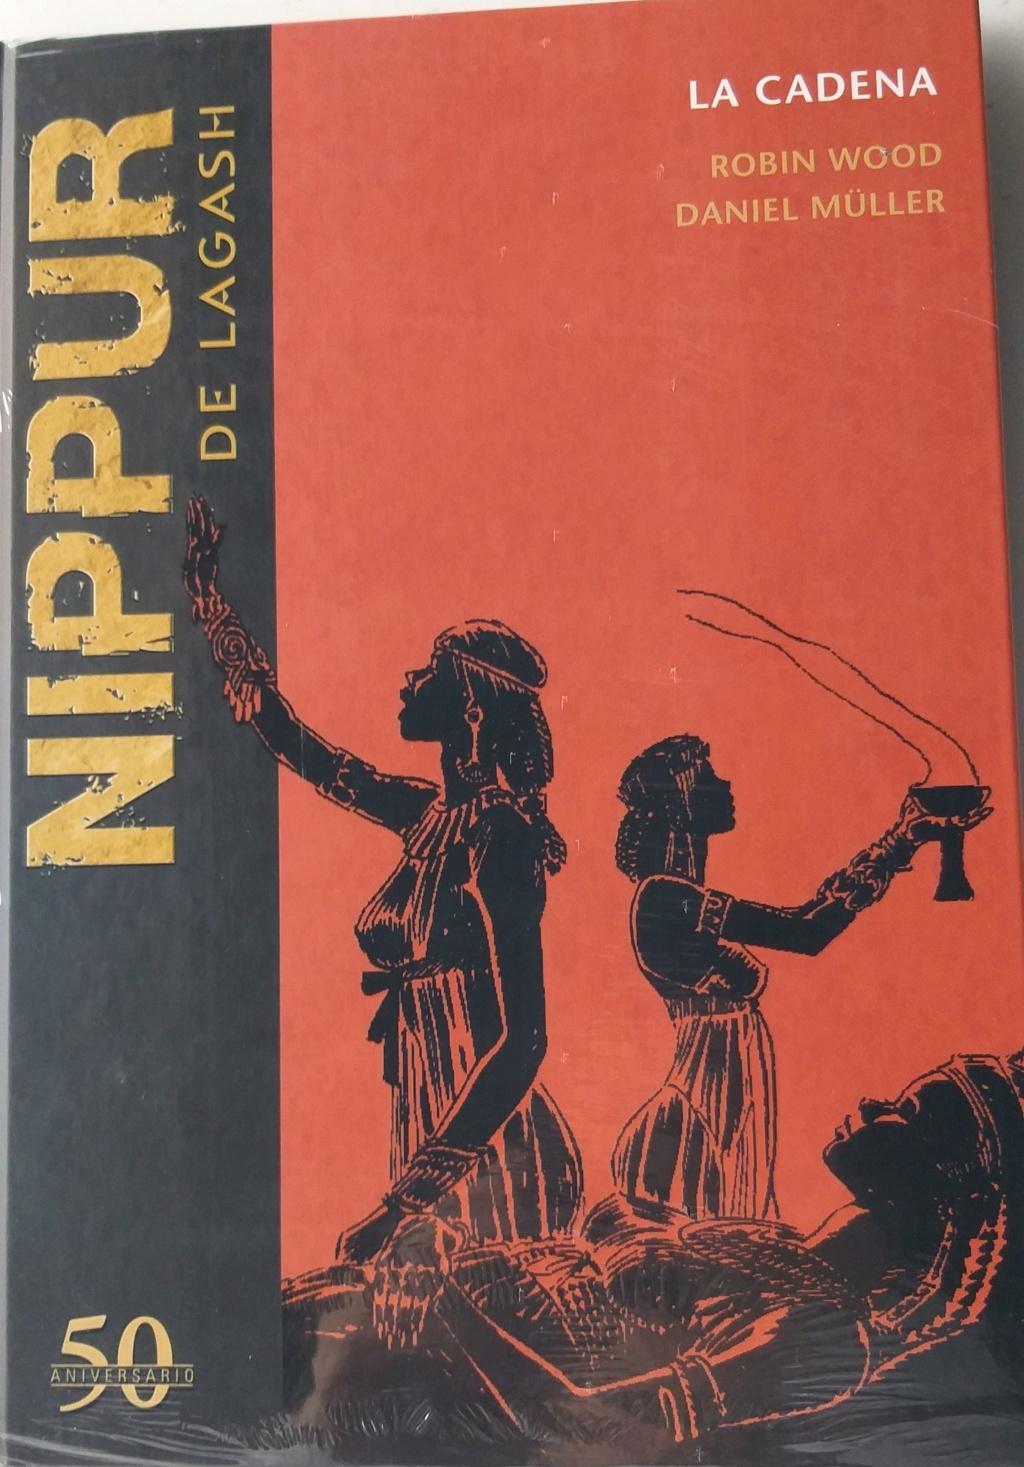 Colección Nippur de Lagash. - Página 8 Ek8j5n10